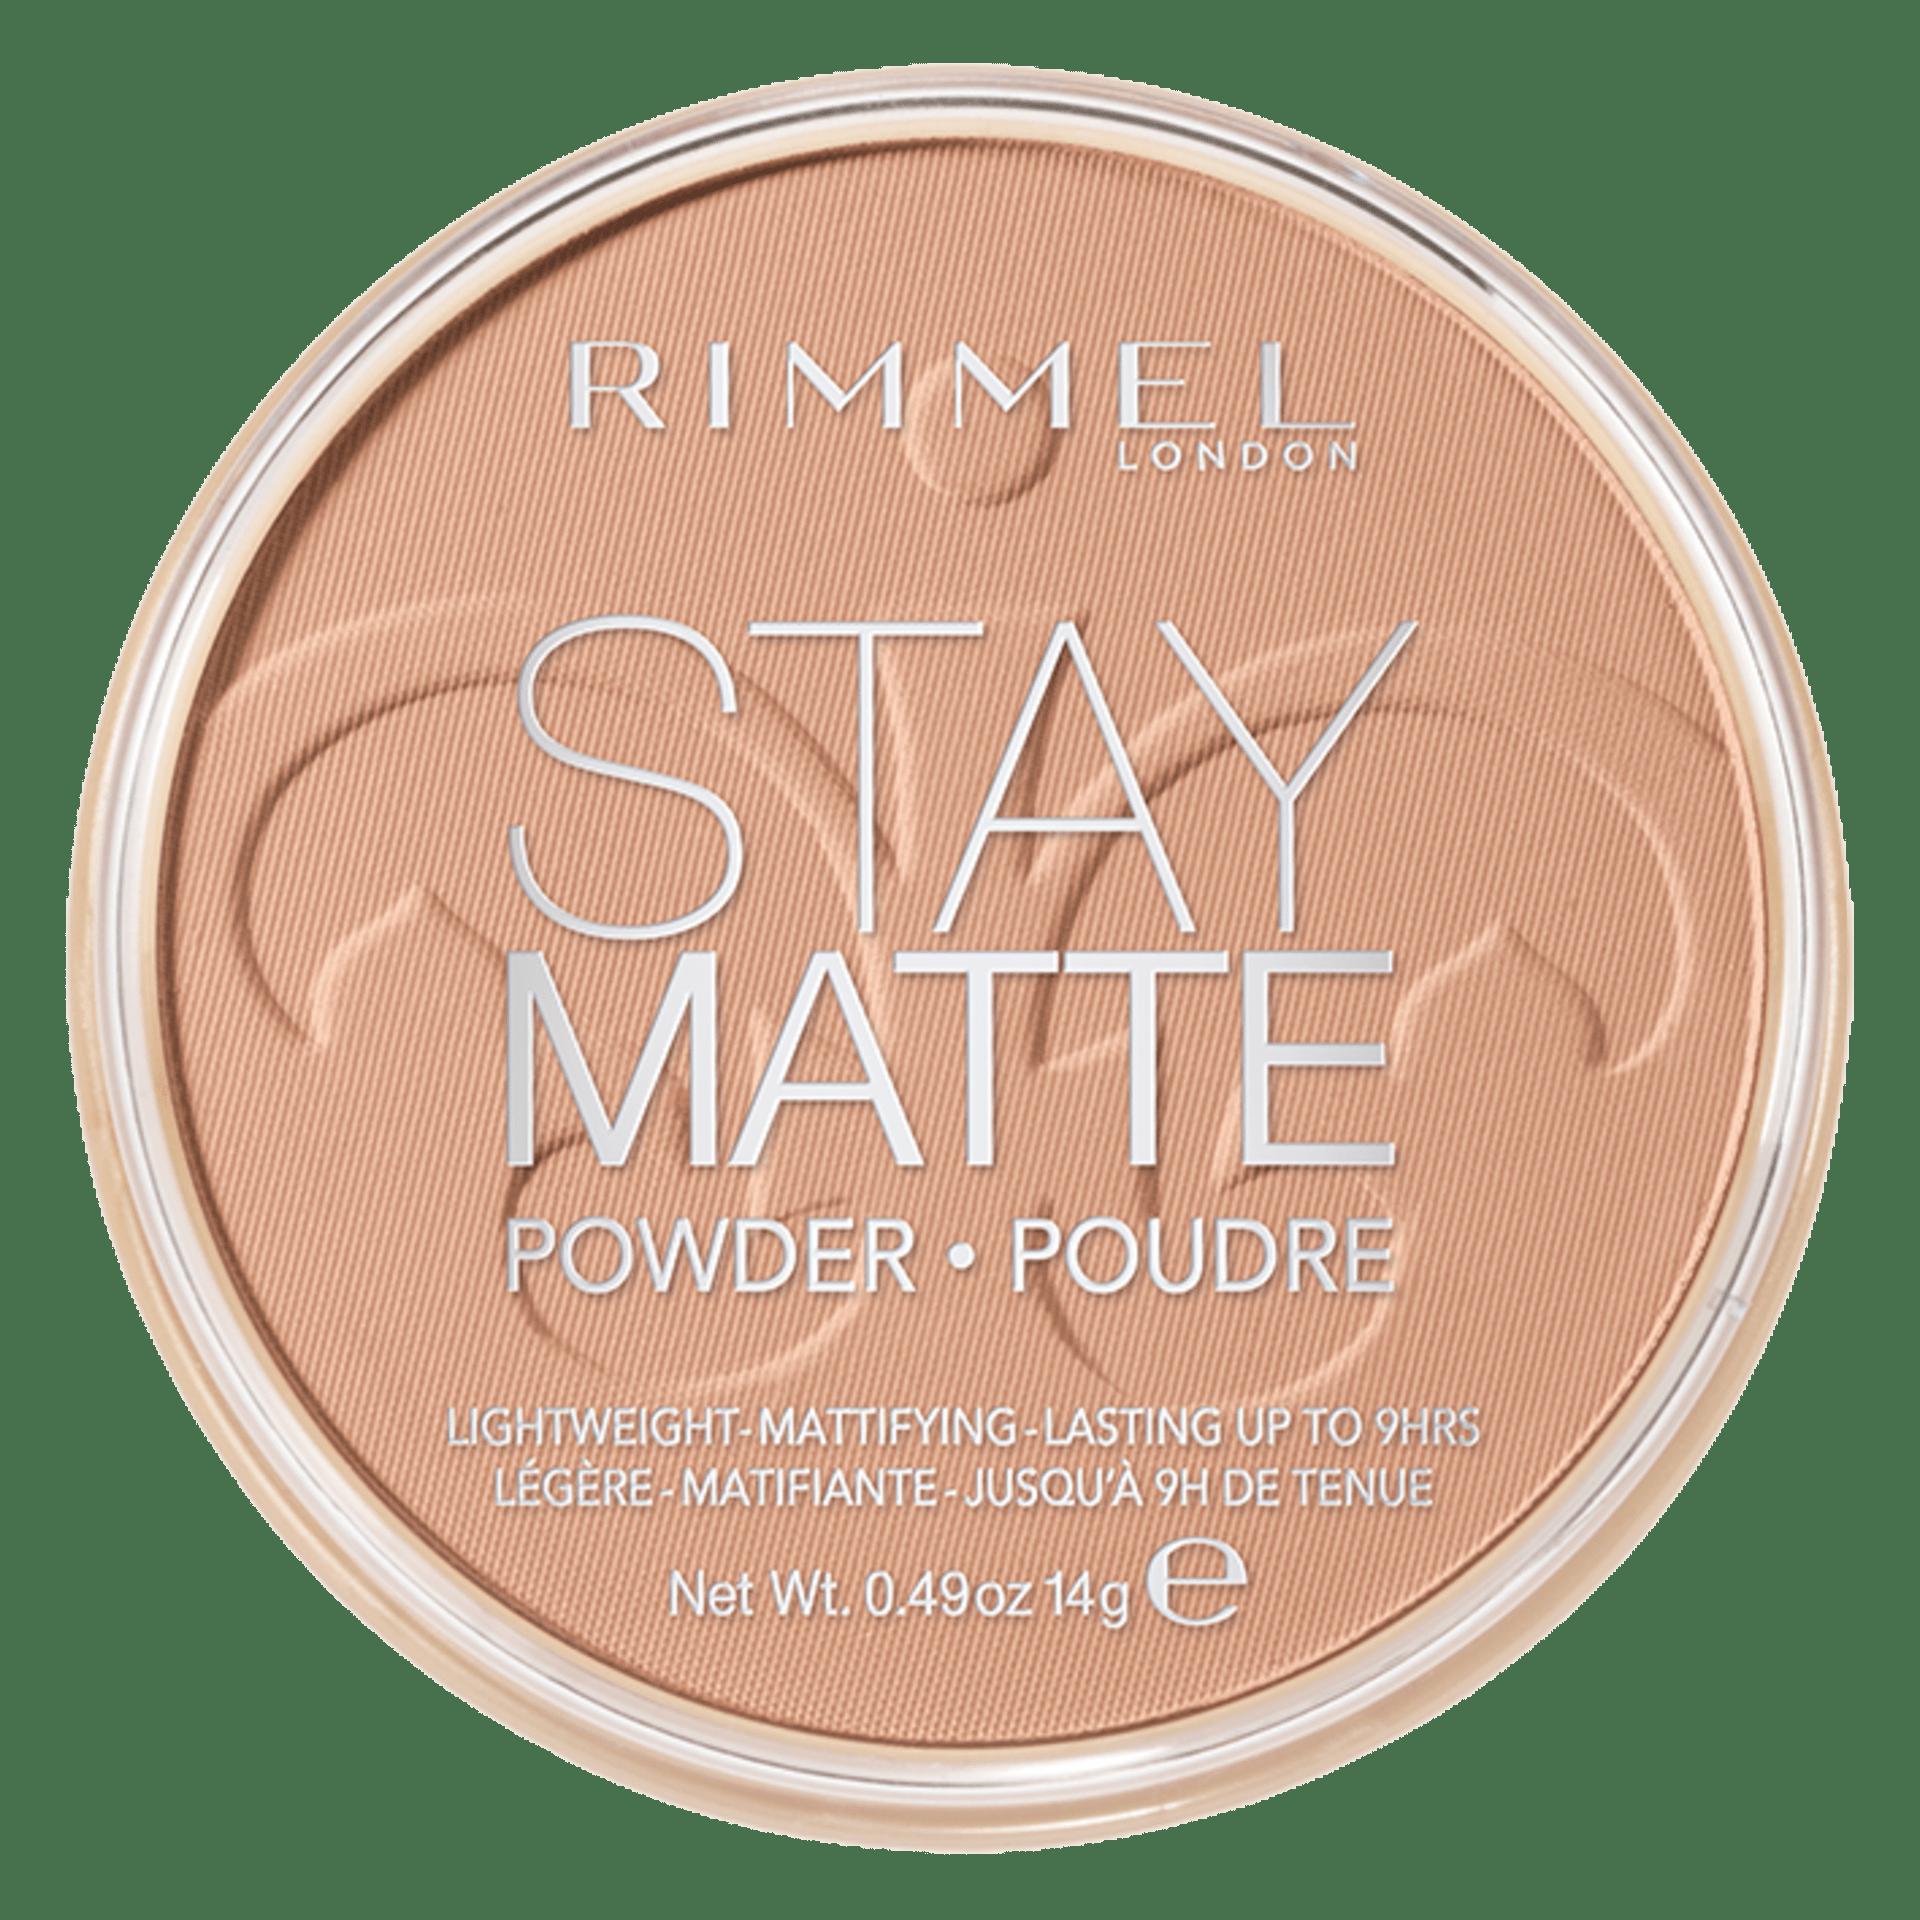 Image of Rimmel Stay Matte Cipria Compatta - 010 Warm Honey